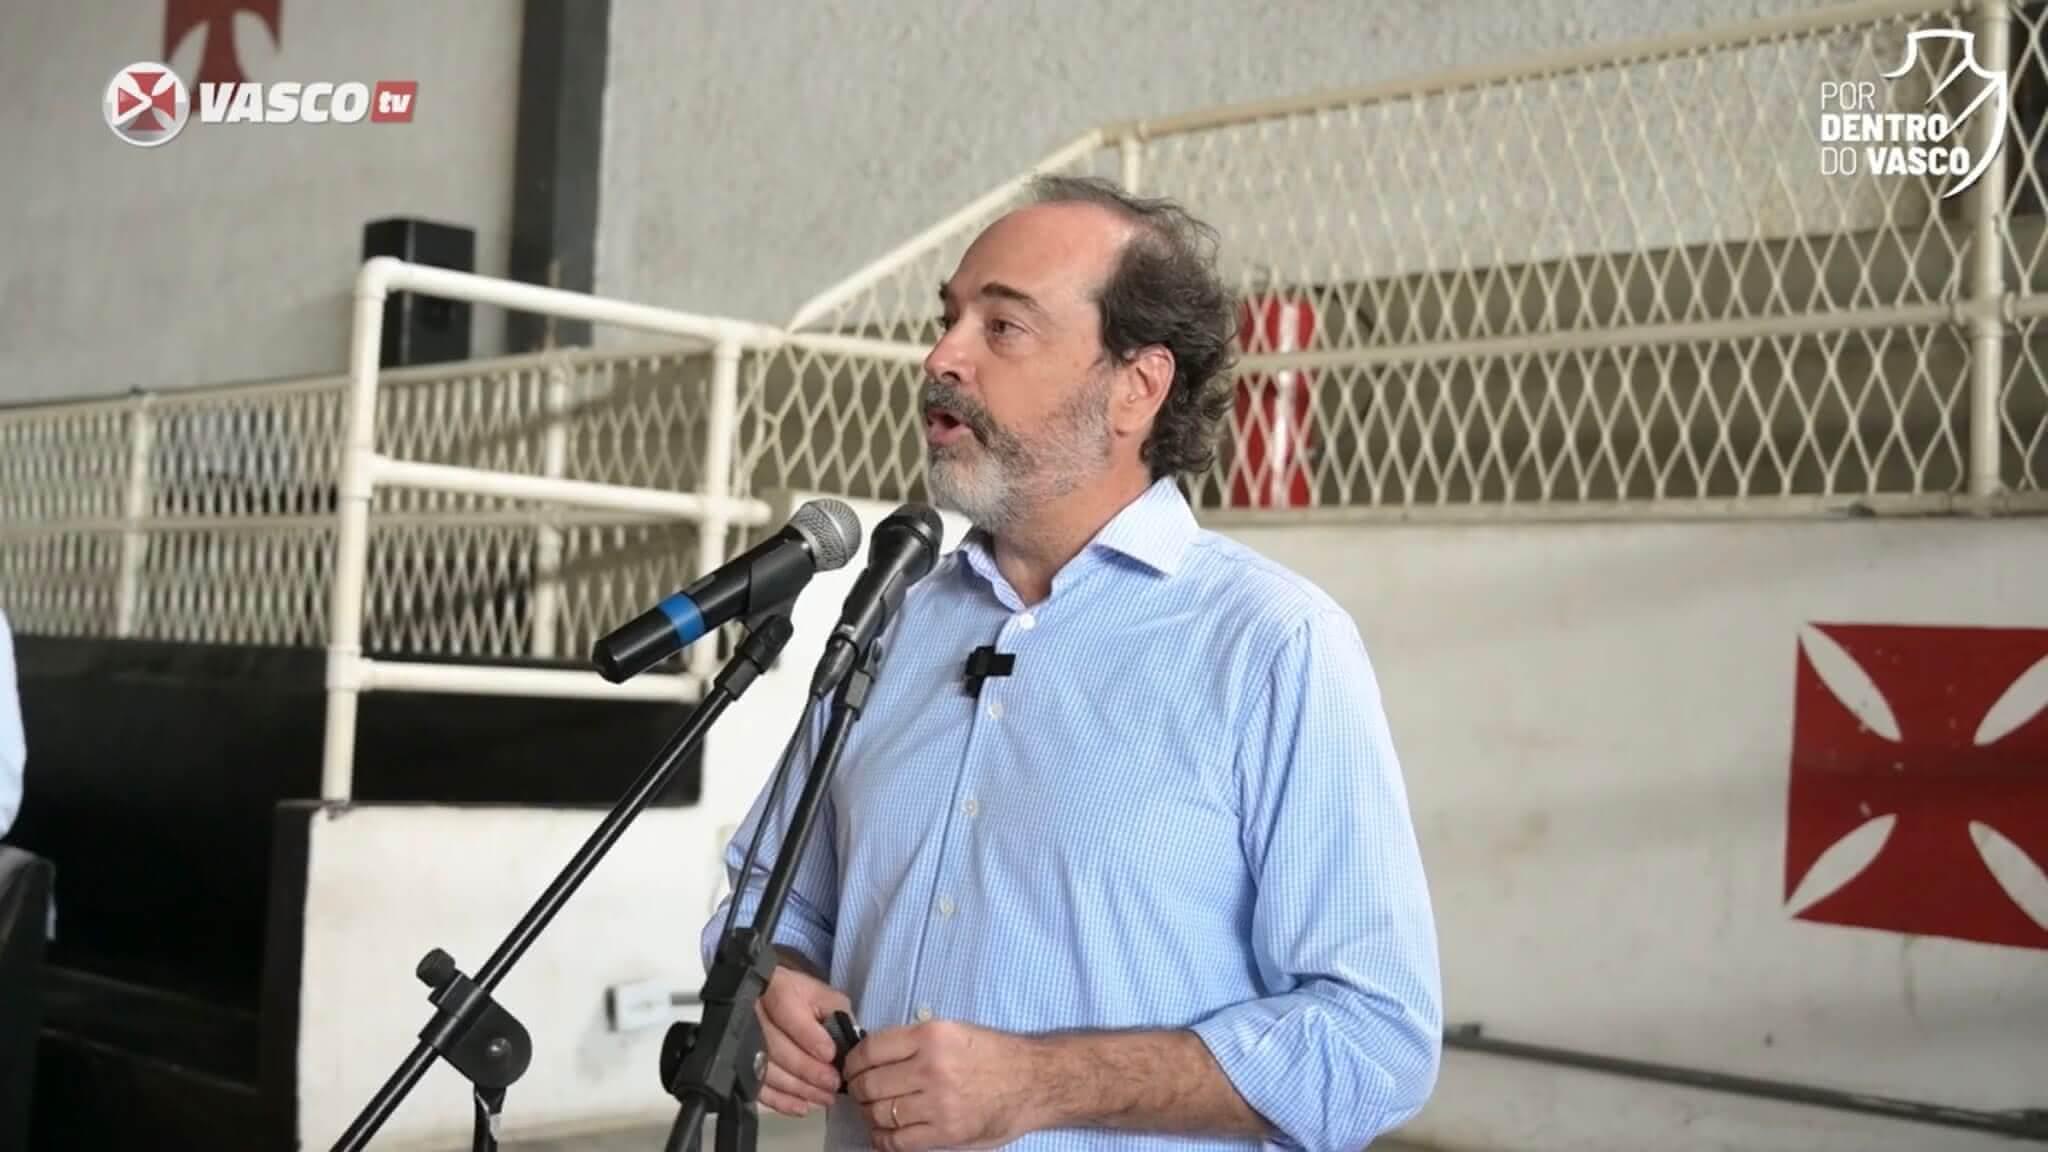 Carlos Roberto Osório, vice-presidente do Vasco